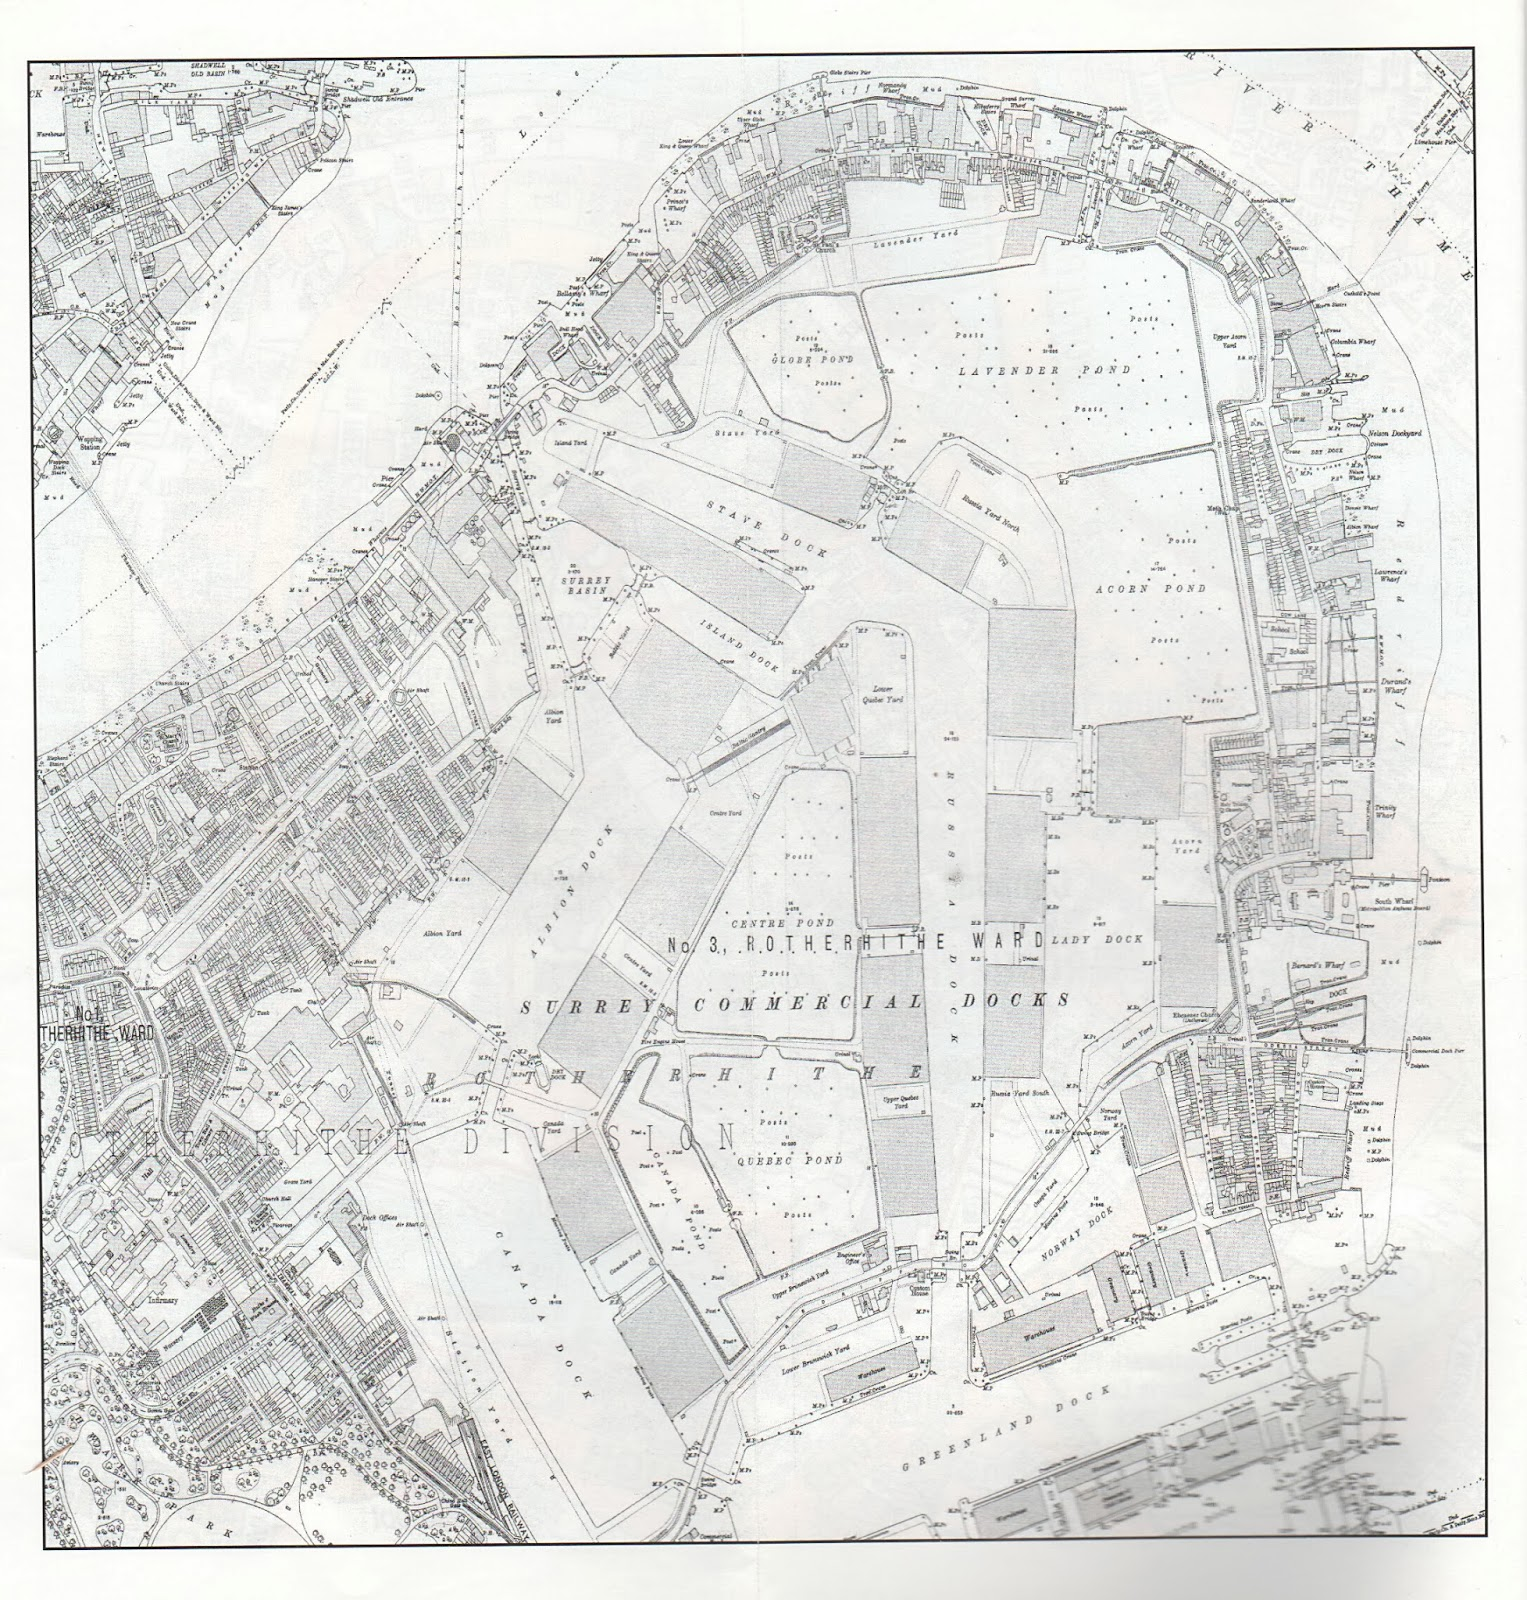 London 1888 map 26 Deptford Surrey Docks